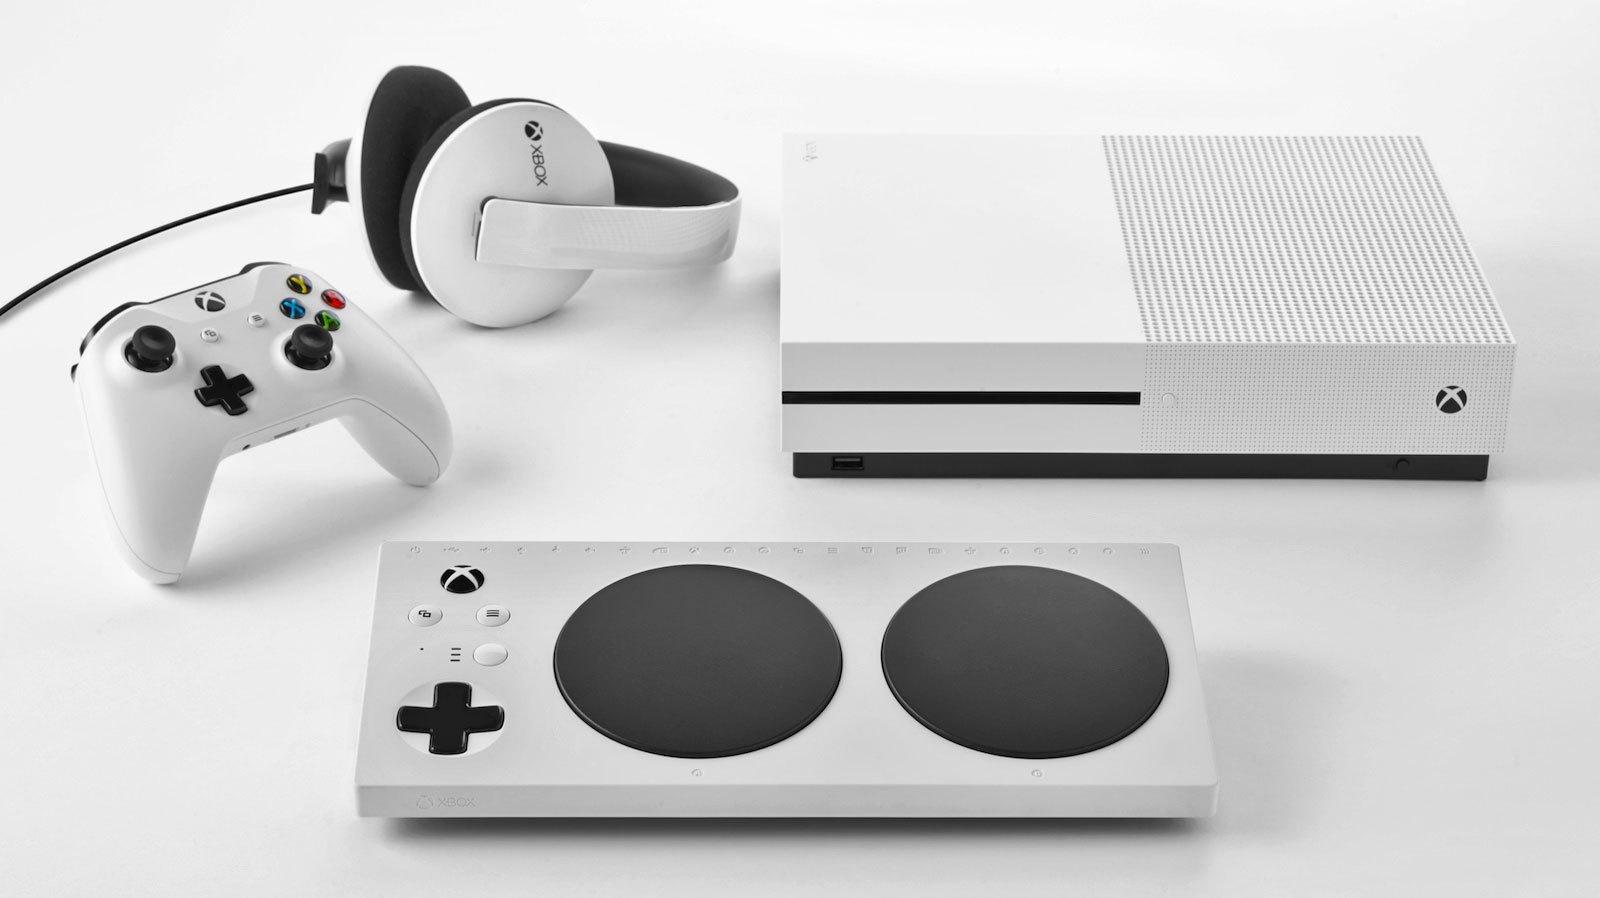 Microsoft lanzará un nuevo controlador para Xbox One